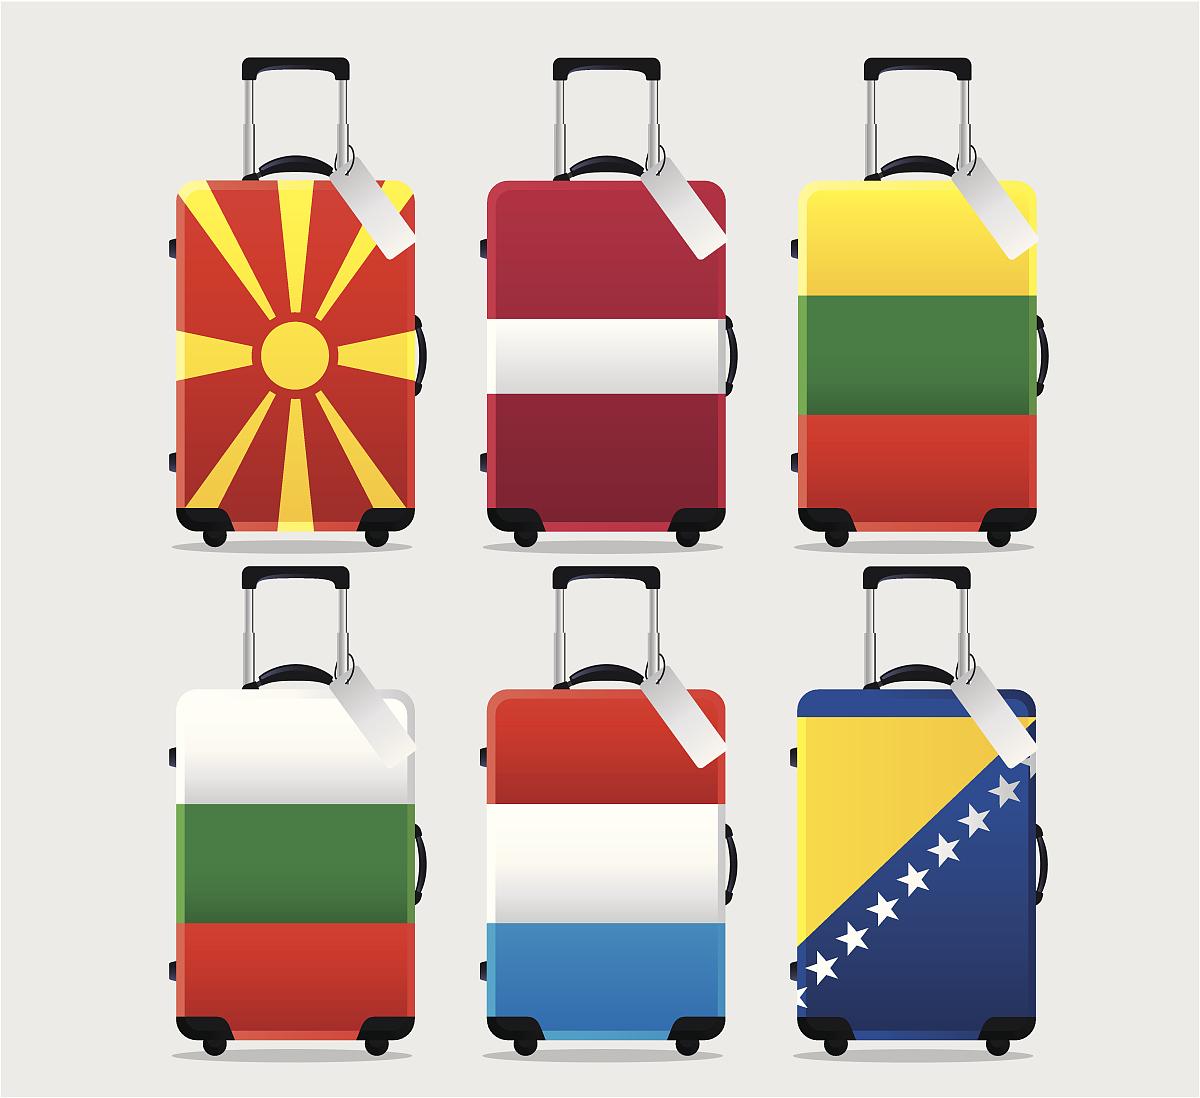 收集,旅途,度假,旗帜,欧洲,西欧,东欧,保加利亚,手提箱,南欧血统,国旗图片